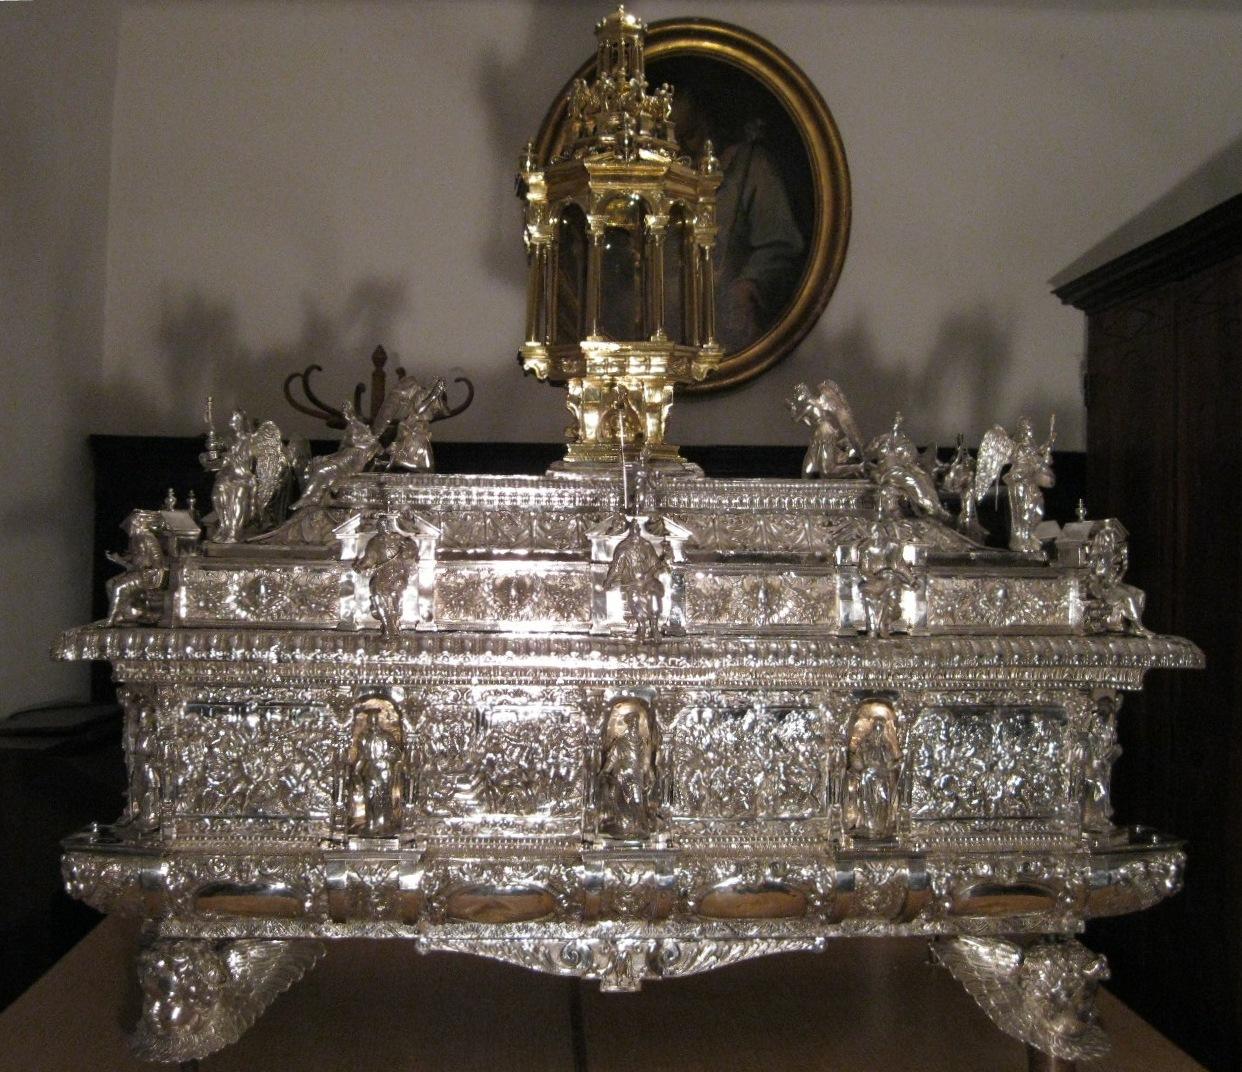 Museo del Tesoro di San Lorenzo - Restauro della cassa argentea del Corpus Domini